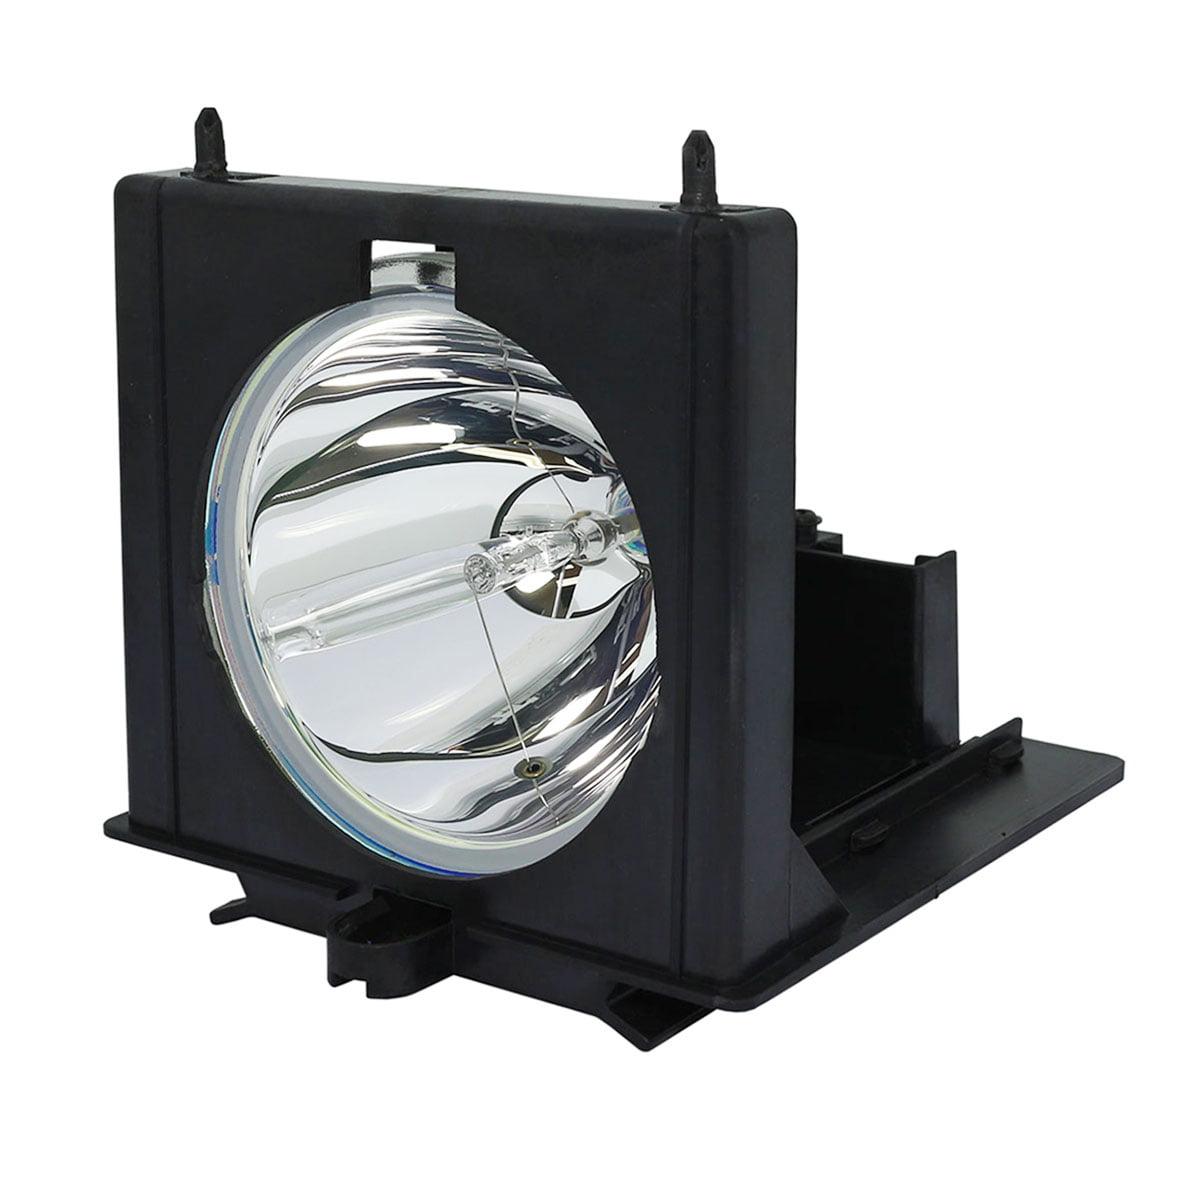 RCA 260962 Osram NeoLux TV Lamp Housing DLP LCD